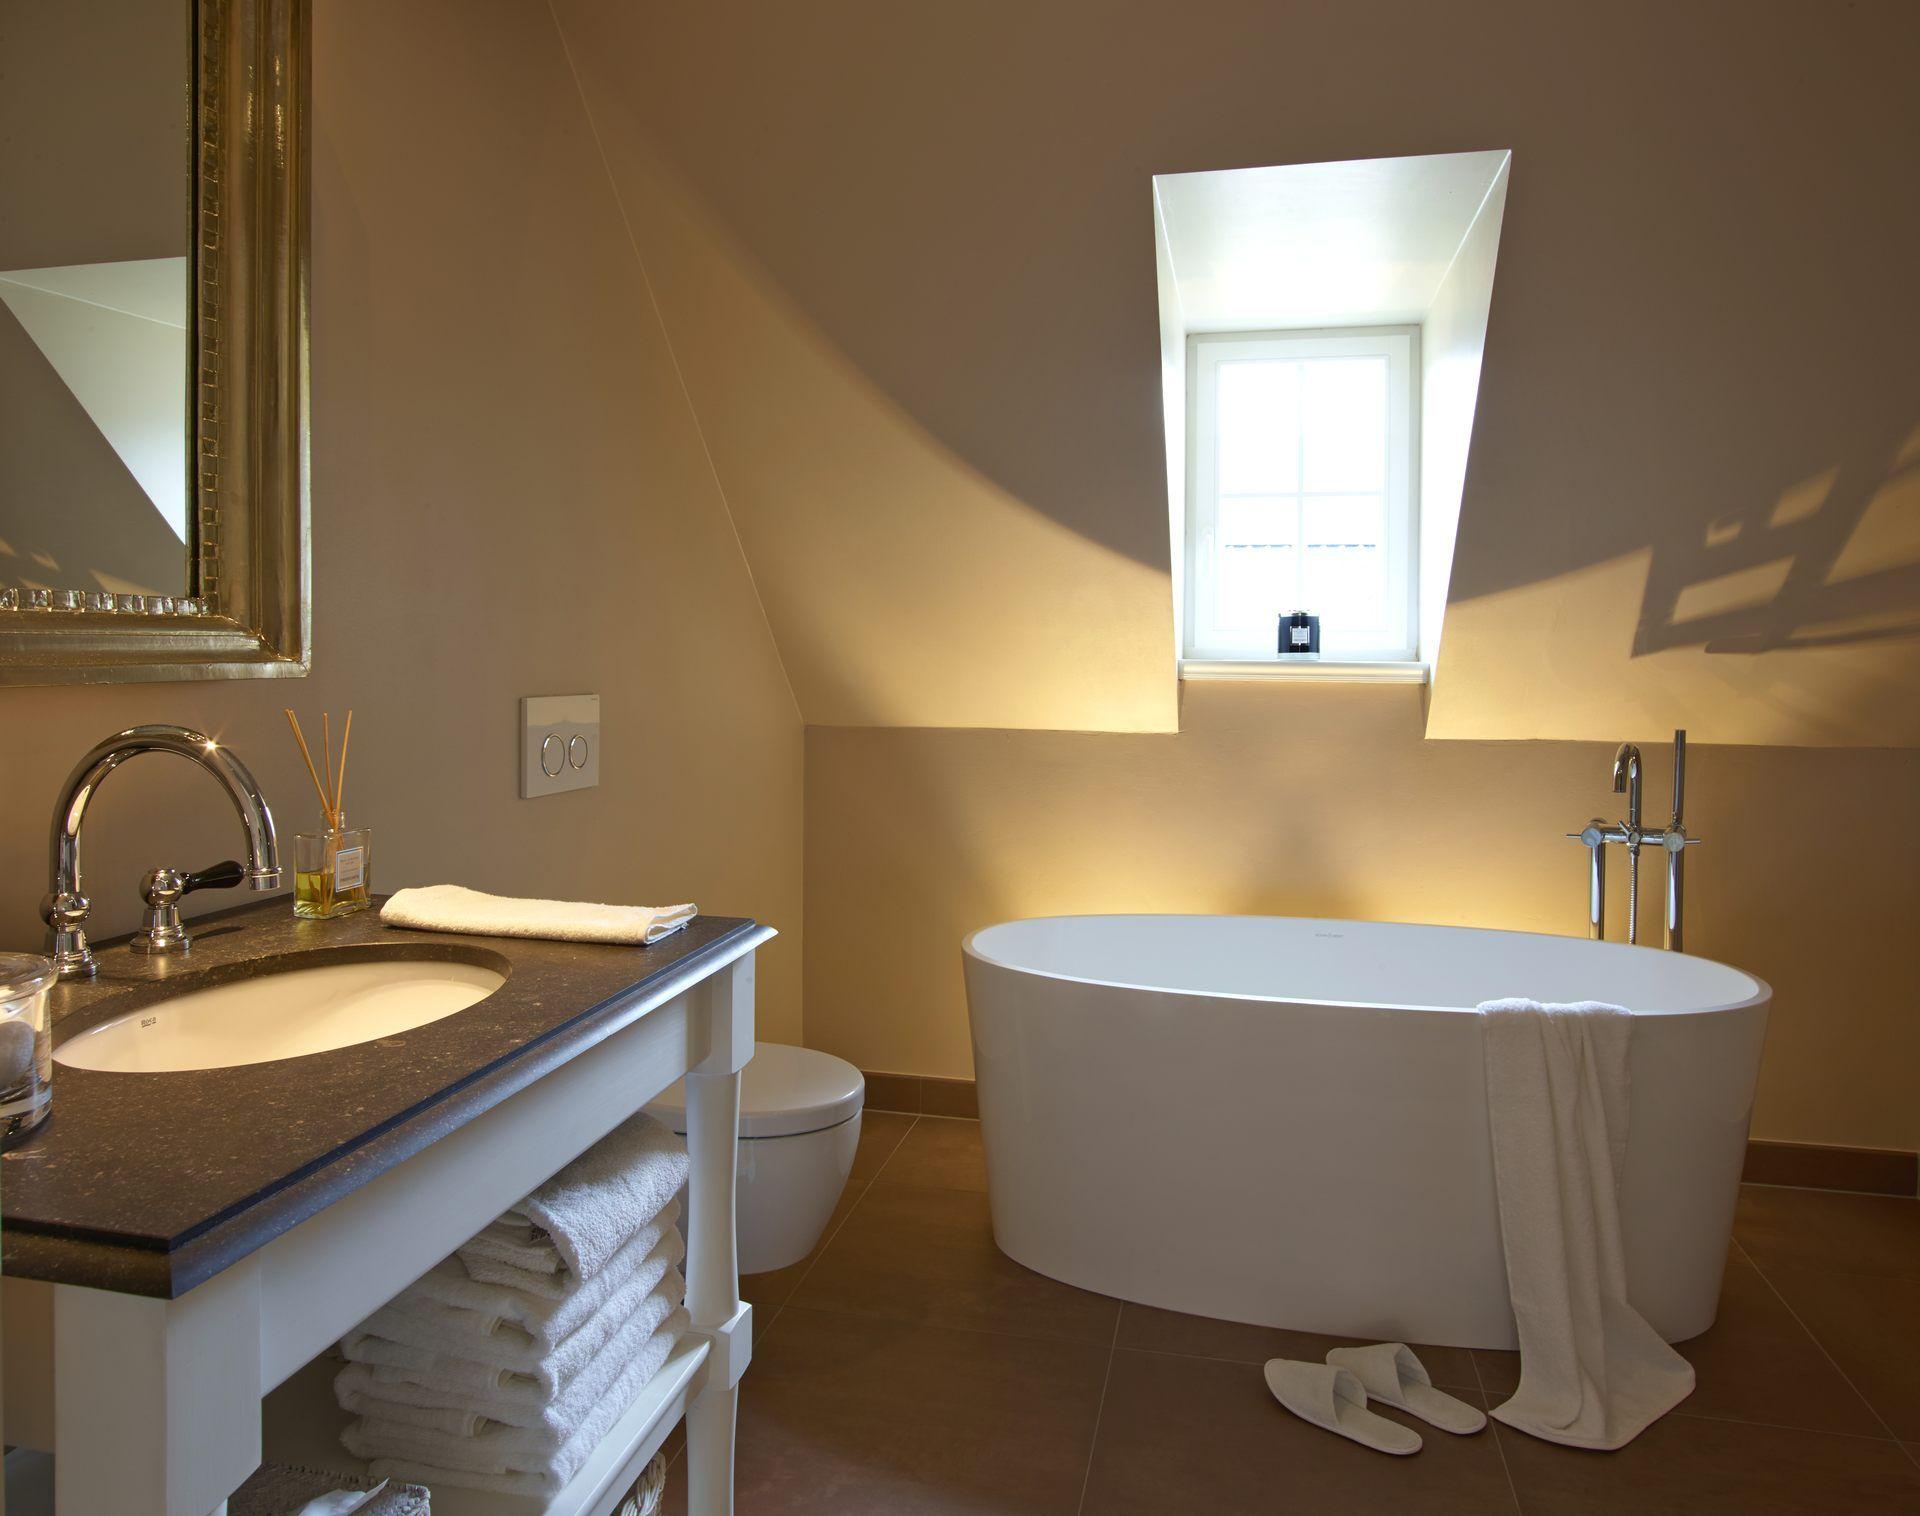 Wohnzimmerfliesen an der wand badezimmer modern gold  dekoideen bad selber machen  pinterest